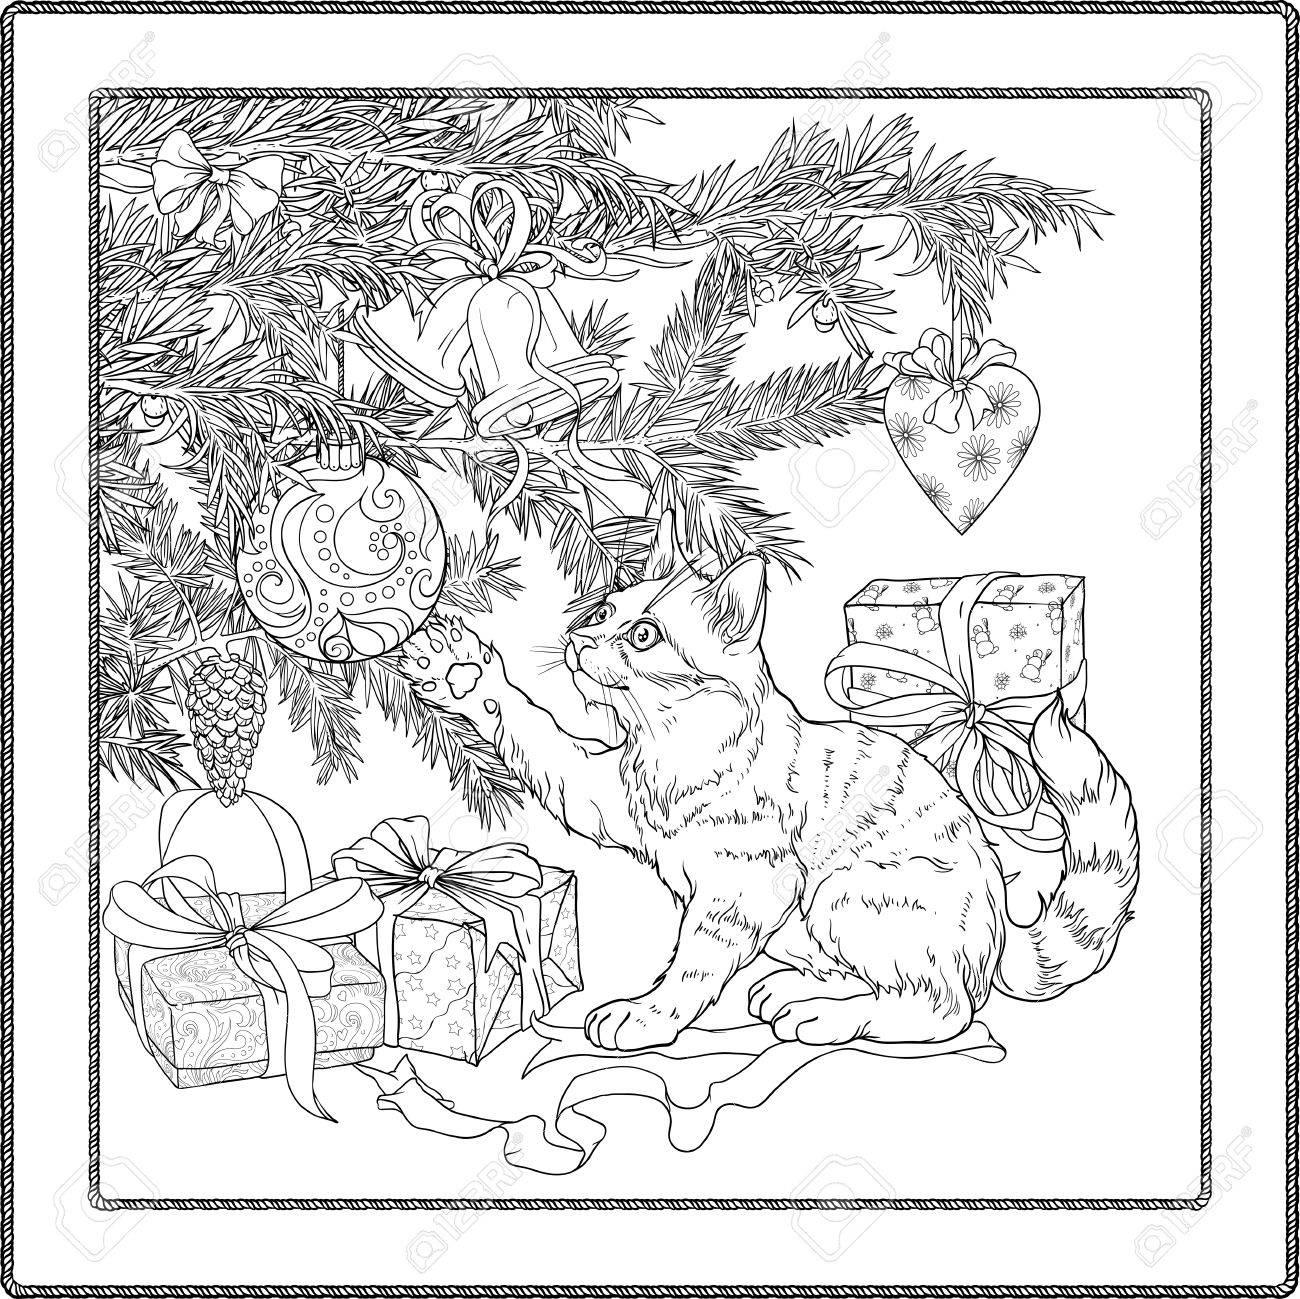 Ejemplo Blanco Y Negro Del árbol De Navidad, Regalos Y Gato Juguetón ...